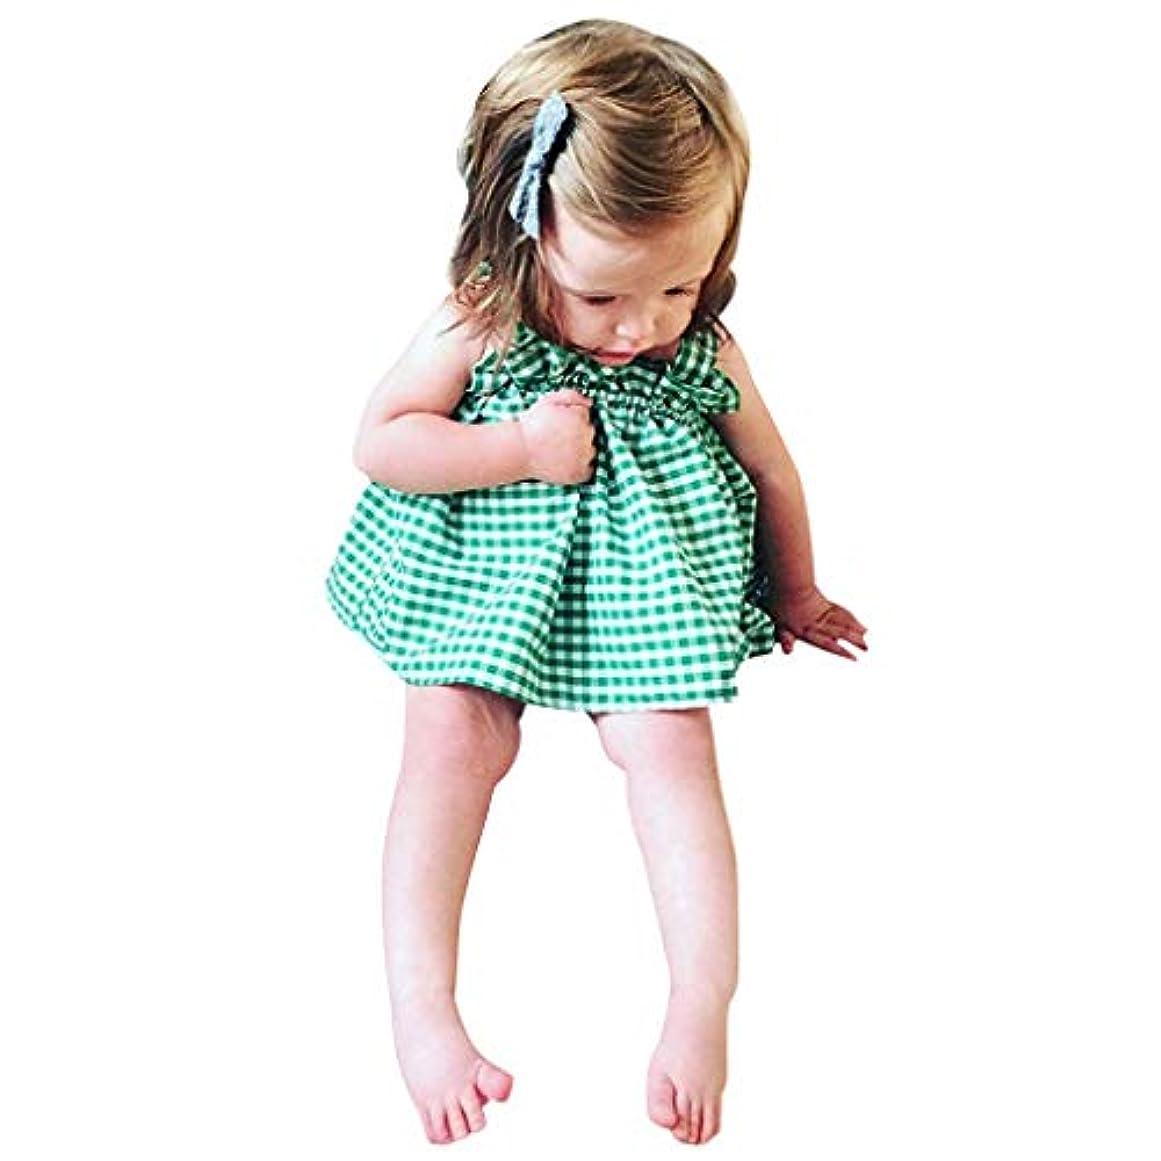 またはどちらか歌うビジュアルキッズ服 Jopinica 6ヶ月~2歳 夏グリーンチェック柄サスペンダートップス?ブリーフセット お嬢様の記念日 子供の日ファッション女の子 ガールズ2点セット